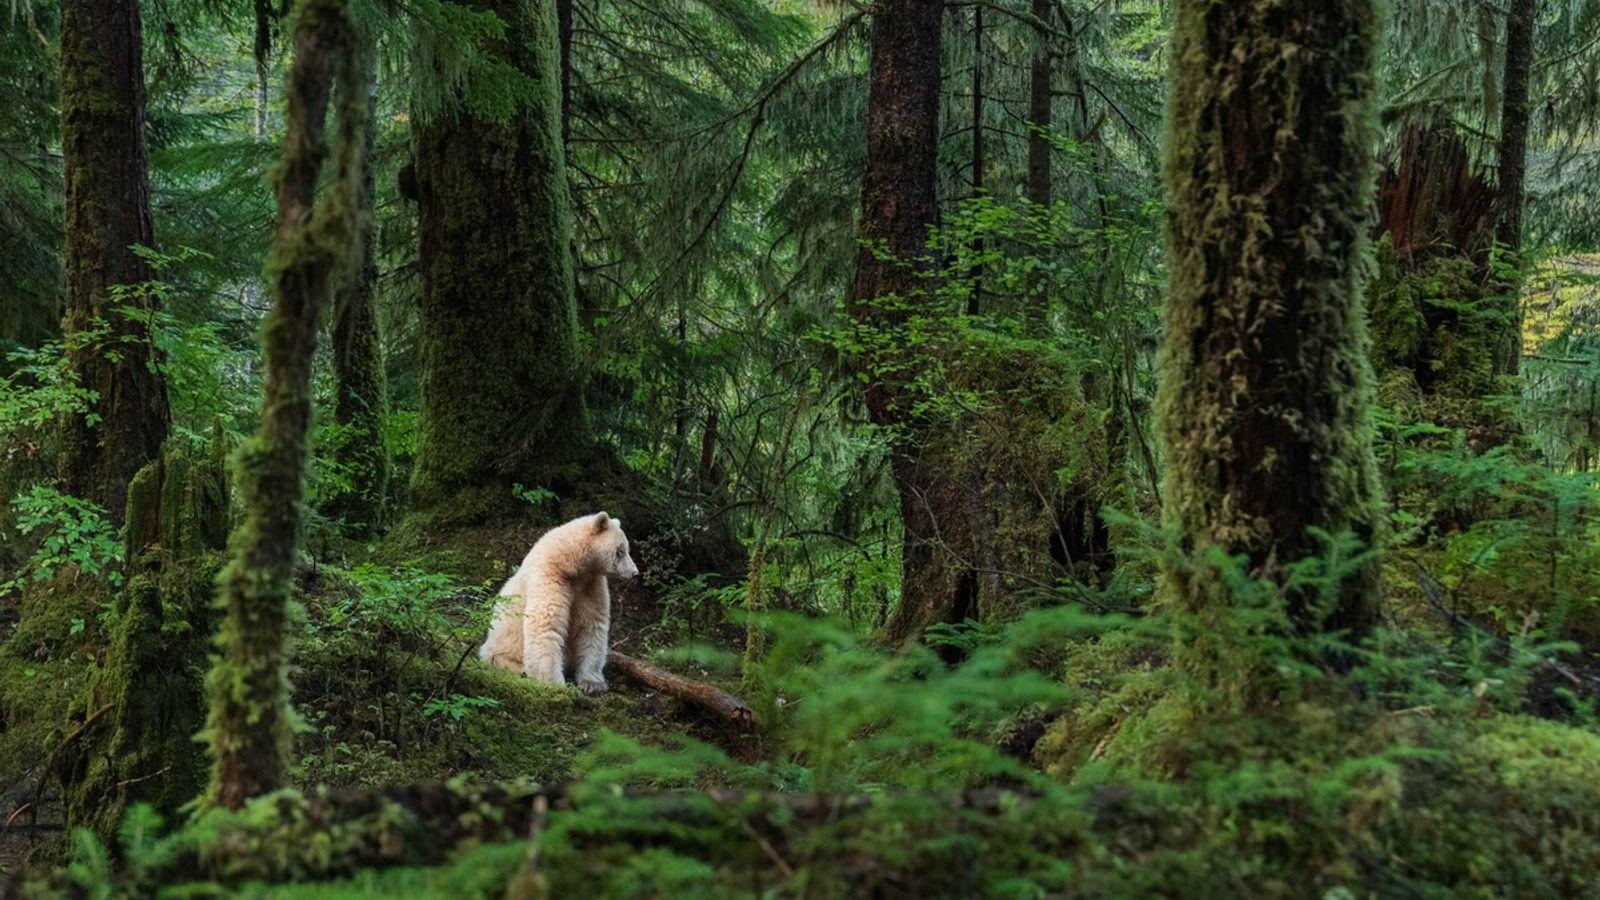 Der Kermodebär, der in Sm'algyax, der Sprache der Tsimshian, als mooksgm ol' bezeichnet wird, lebt in ...